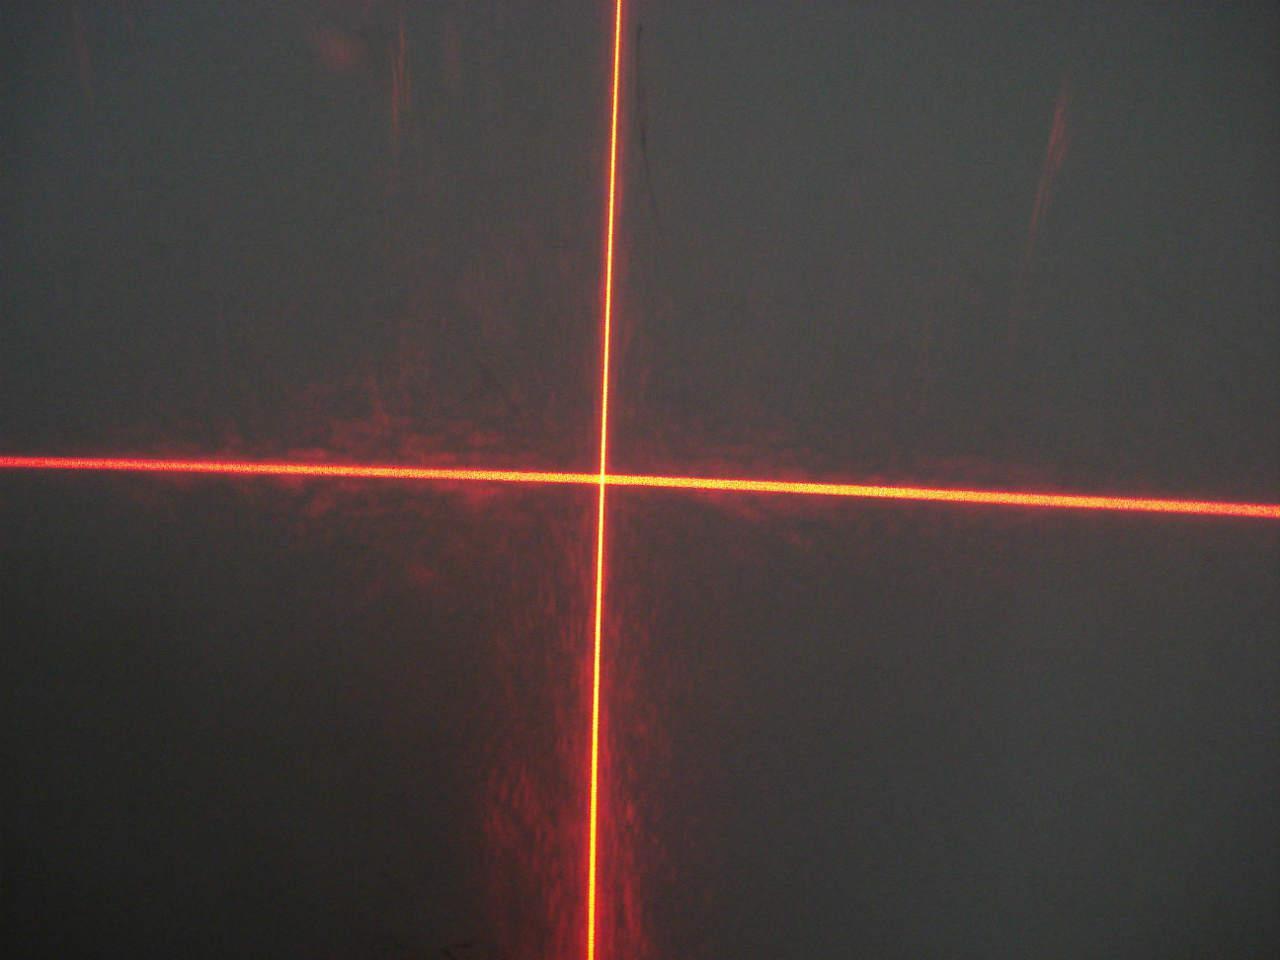 供应十字镭射灯